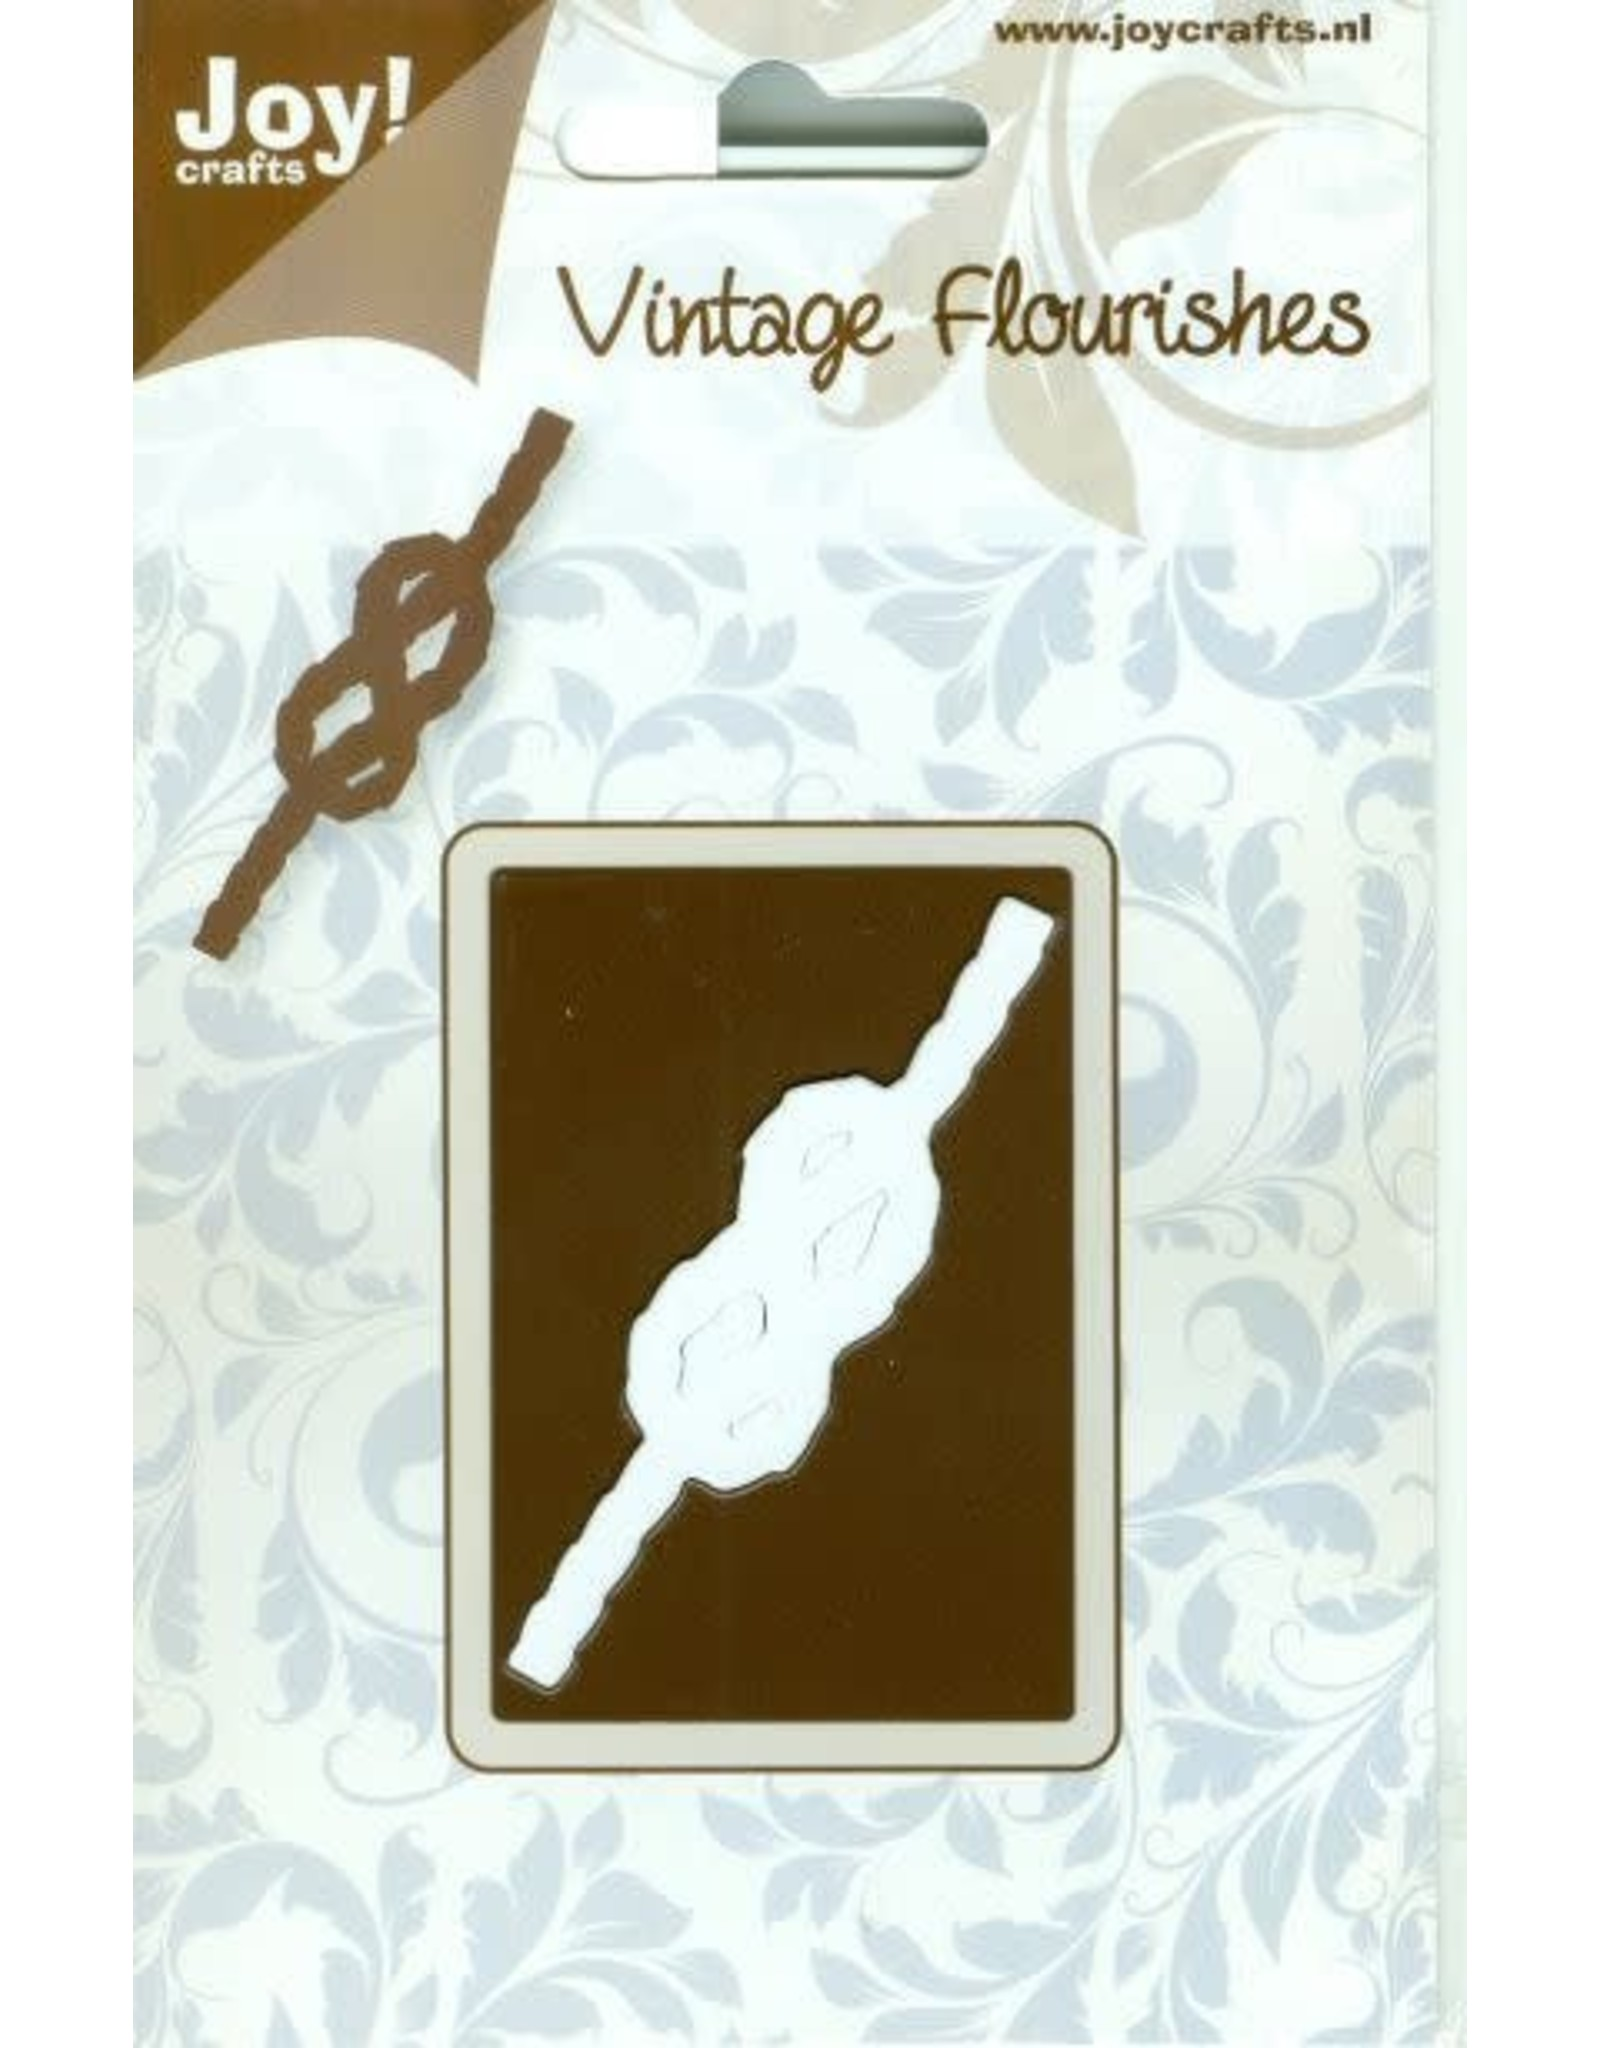 Joy Craft Joy Crafts vintage flourishes zeilknoop 6003/0058